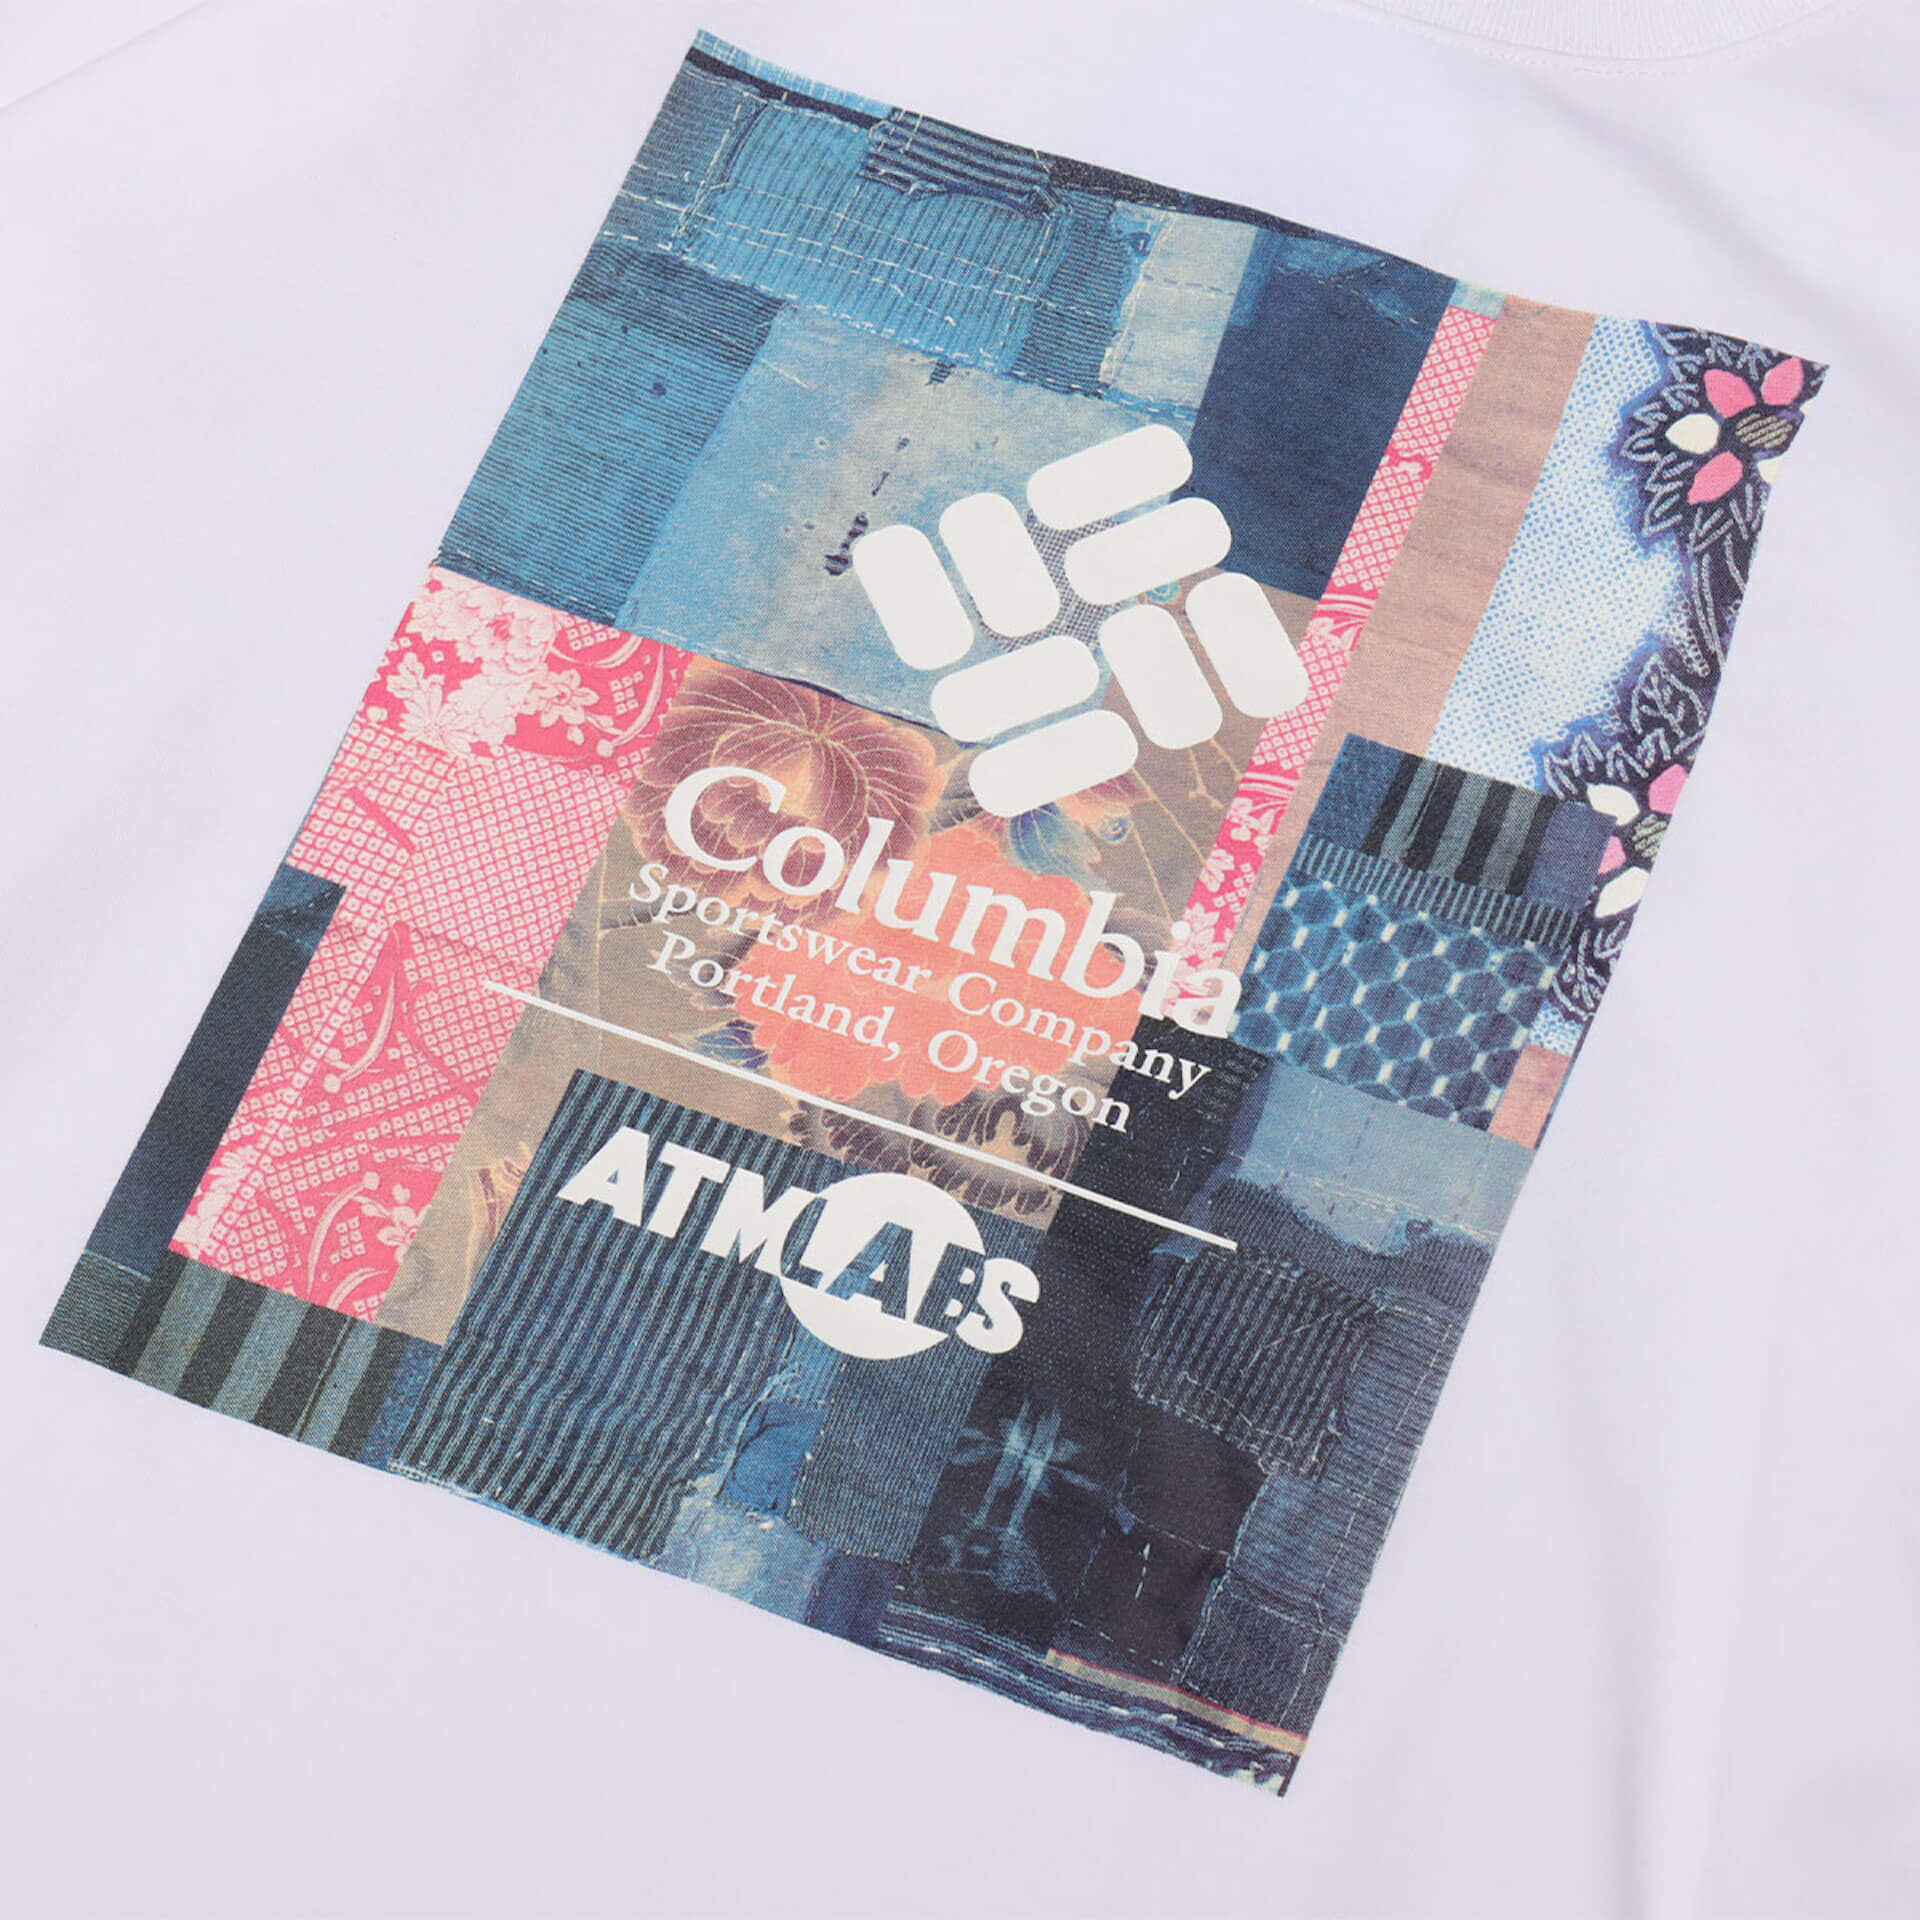 Columbiaとatmosによるコラボプロダクトが発売決定!ジャパンヴィンテージをアレンジしたBORO柄のアイテム3型が登場 life201005_columbia_atmos_13